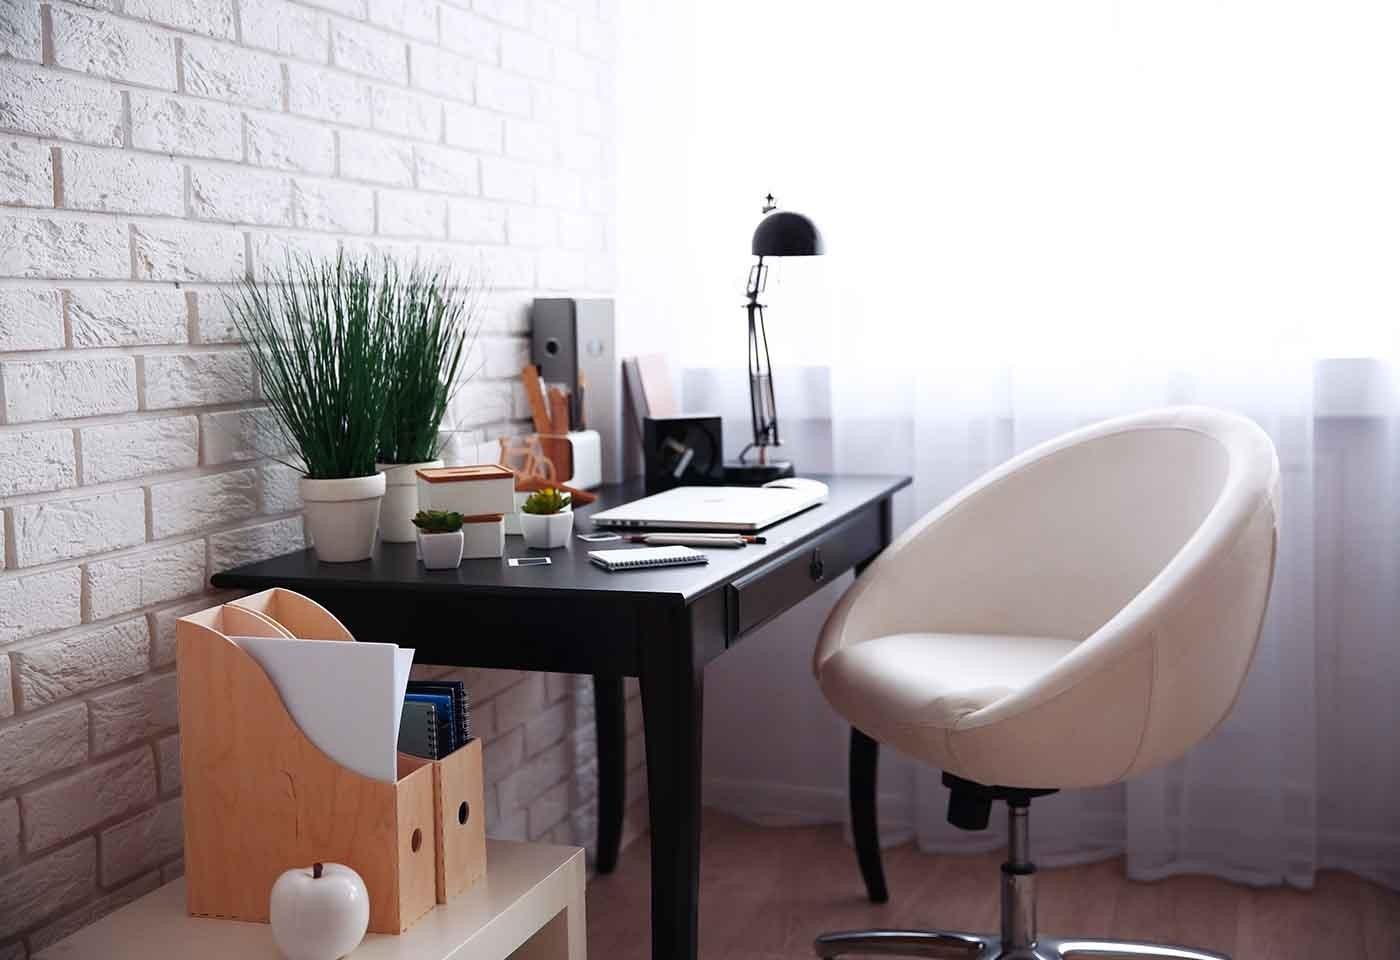 Ufficio In Casa Idee : Come arredare un ufficio a casa e fuori casa